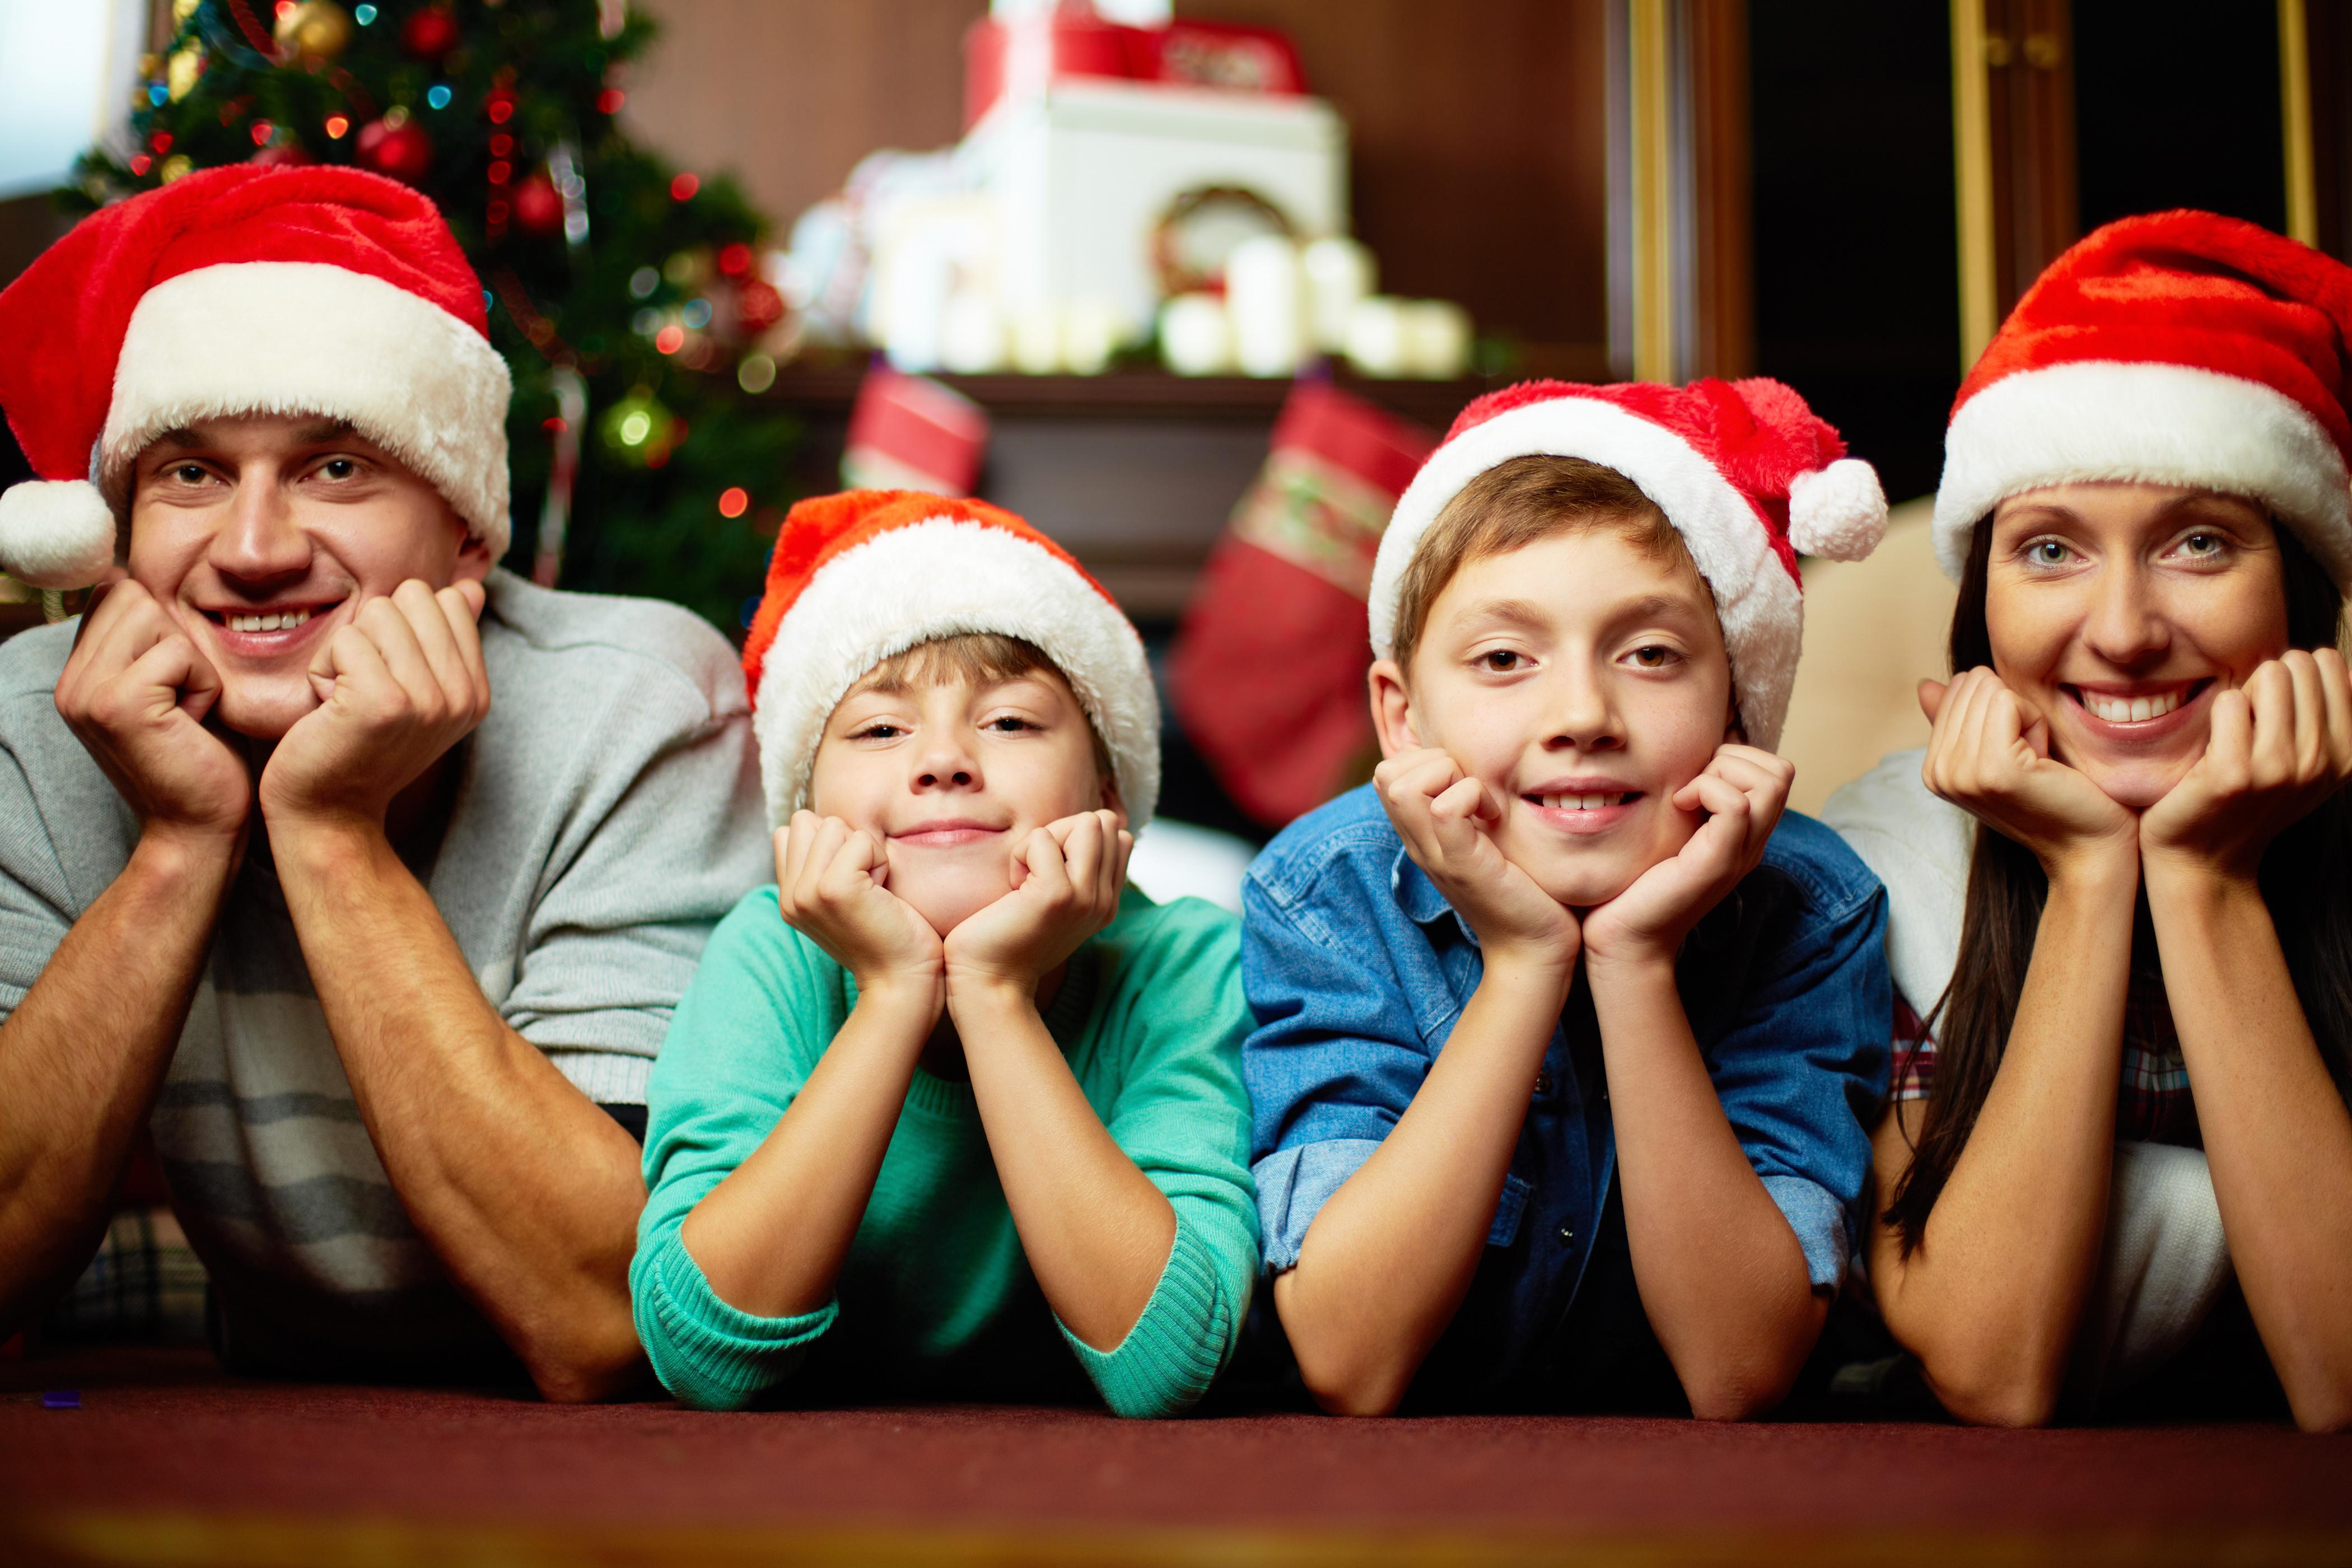 Comment réussir ses photo de famille à Noël